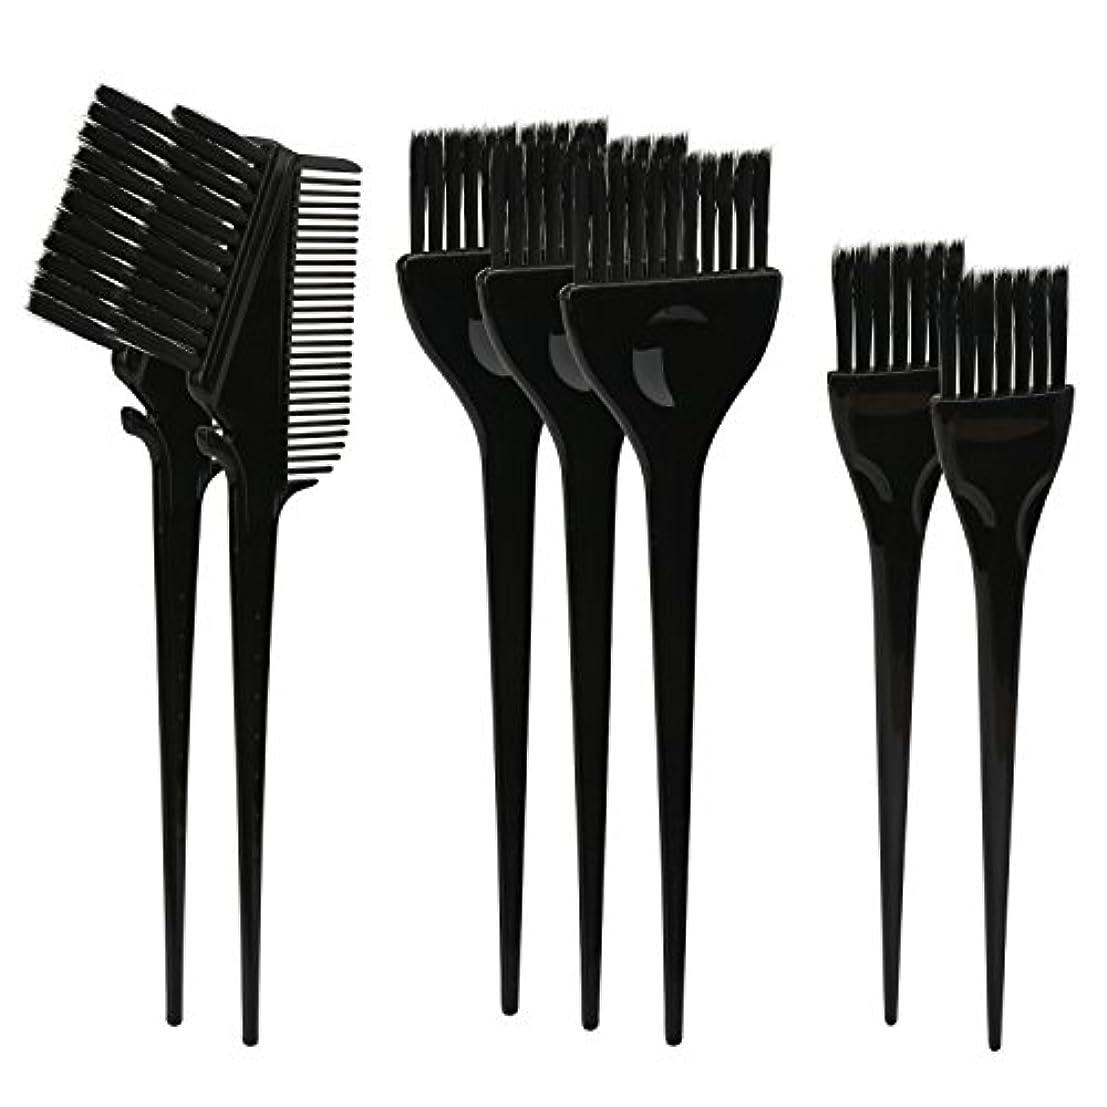 モットー狂乱ピアニストSegbeauty ヘアカラー DIY プロ髪染め用のブラシ 7pcs 美髪師用 サロン工具セット